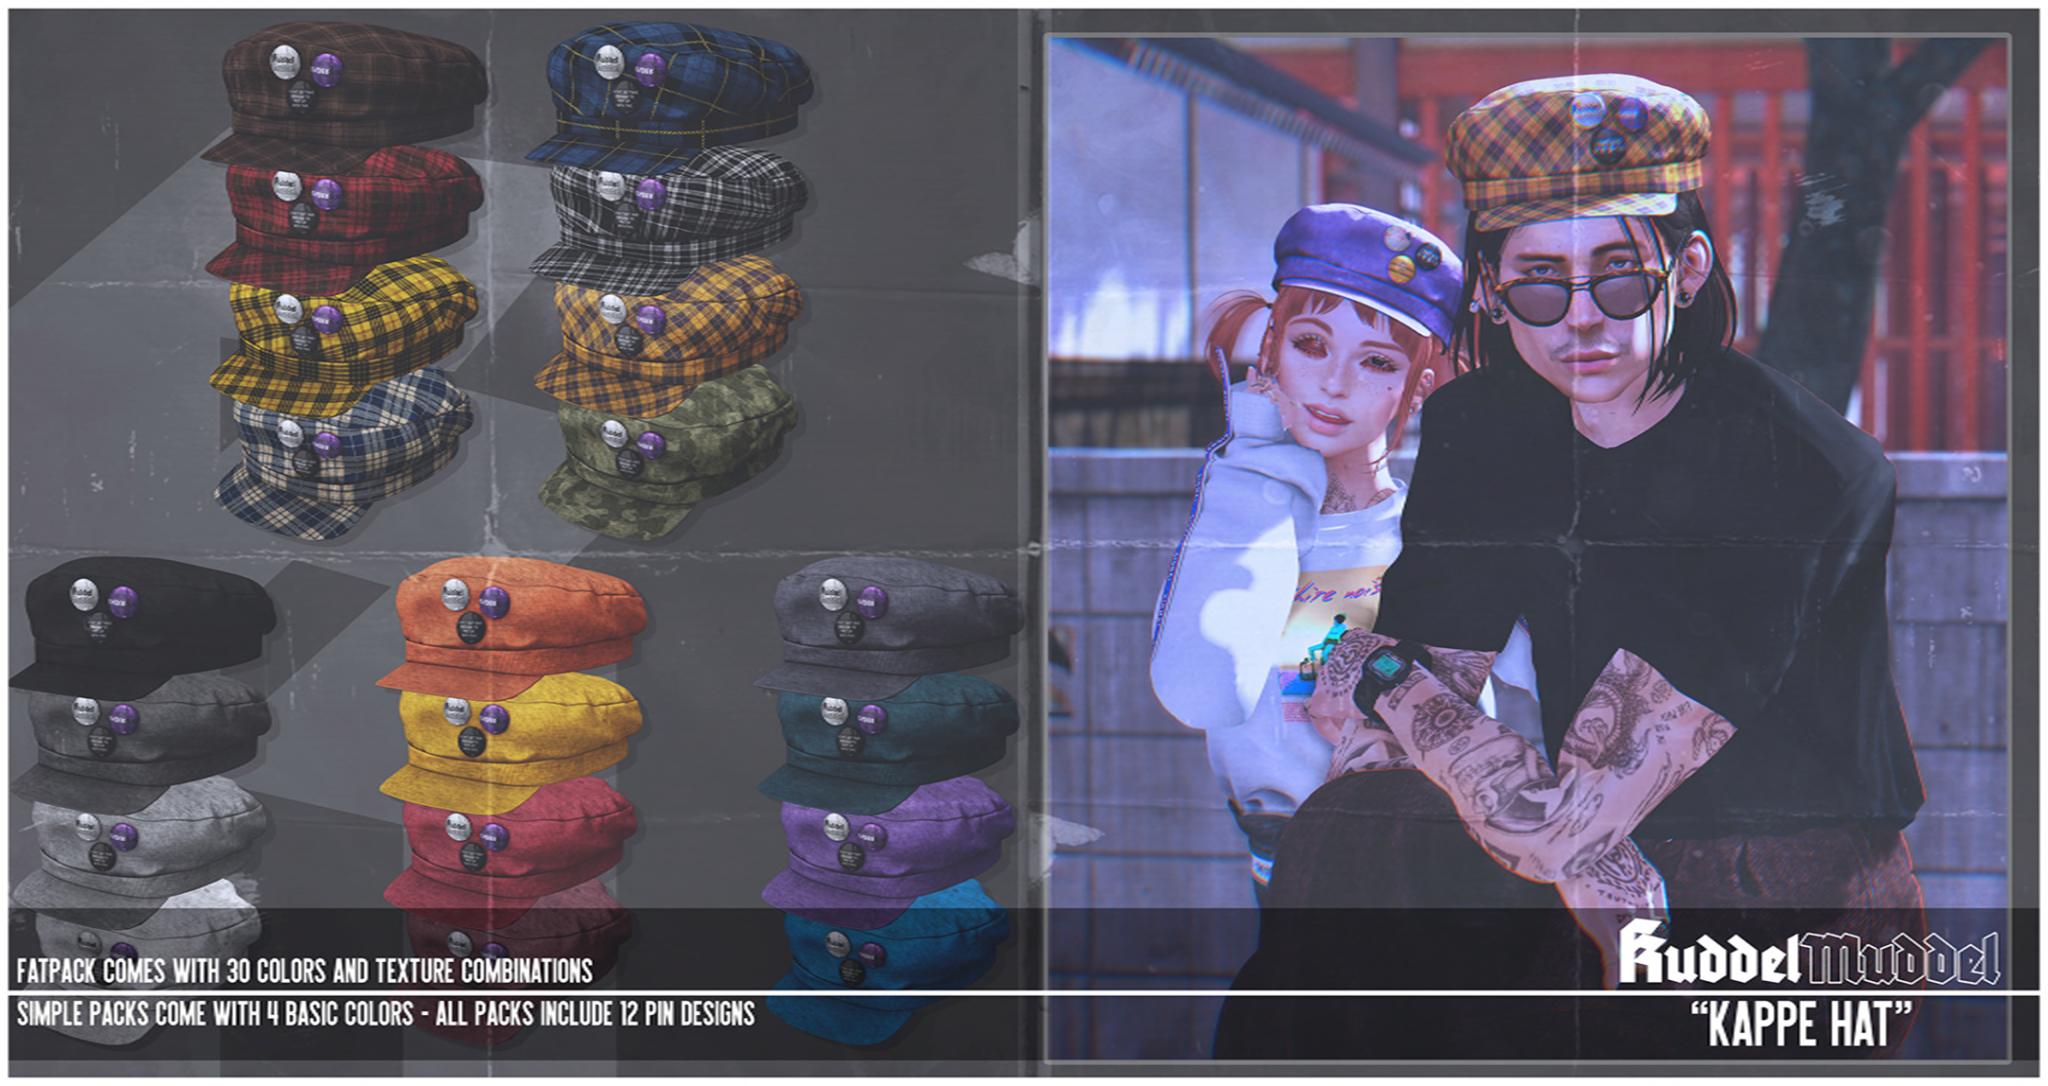 [KuddelMuddel] Kappe Hat